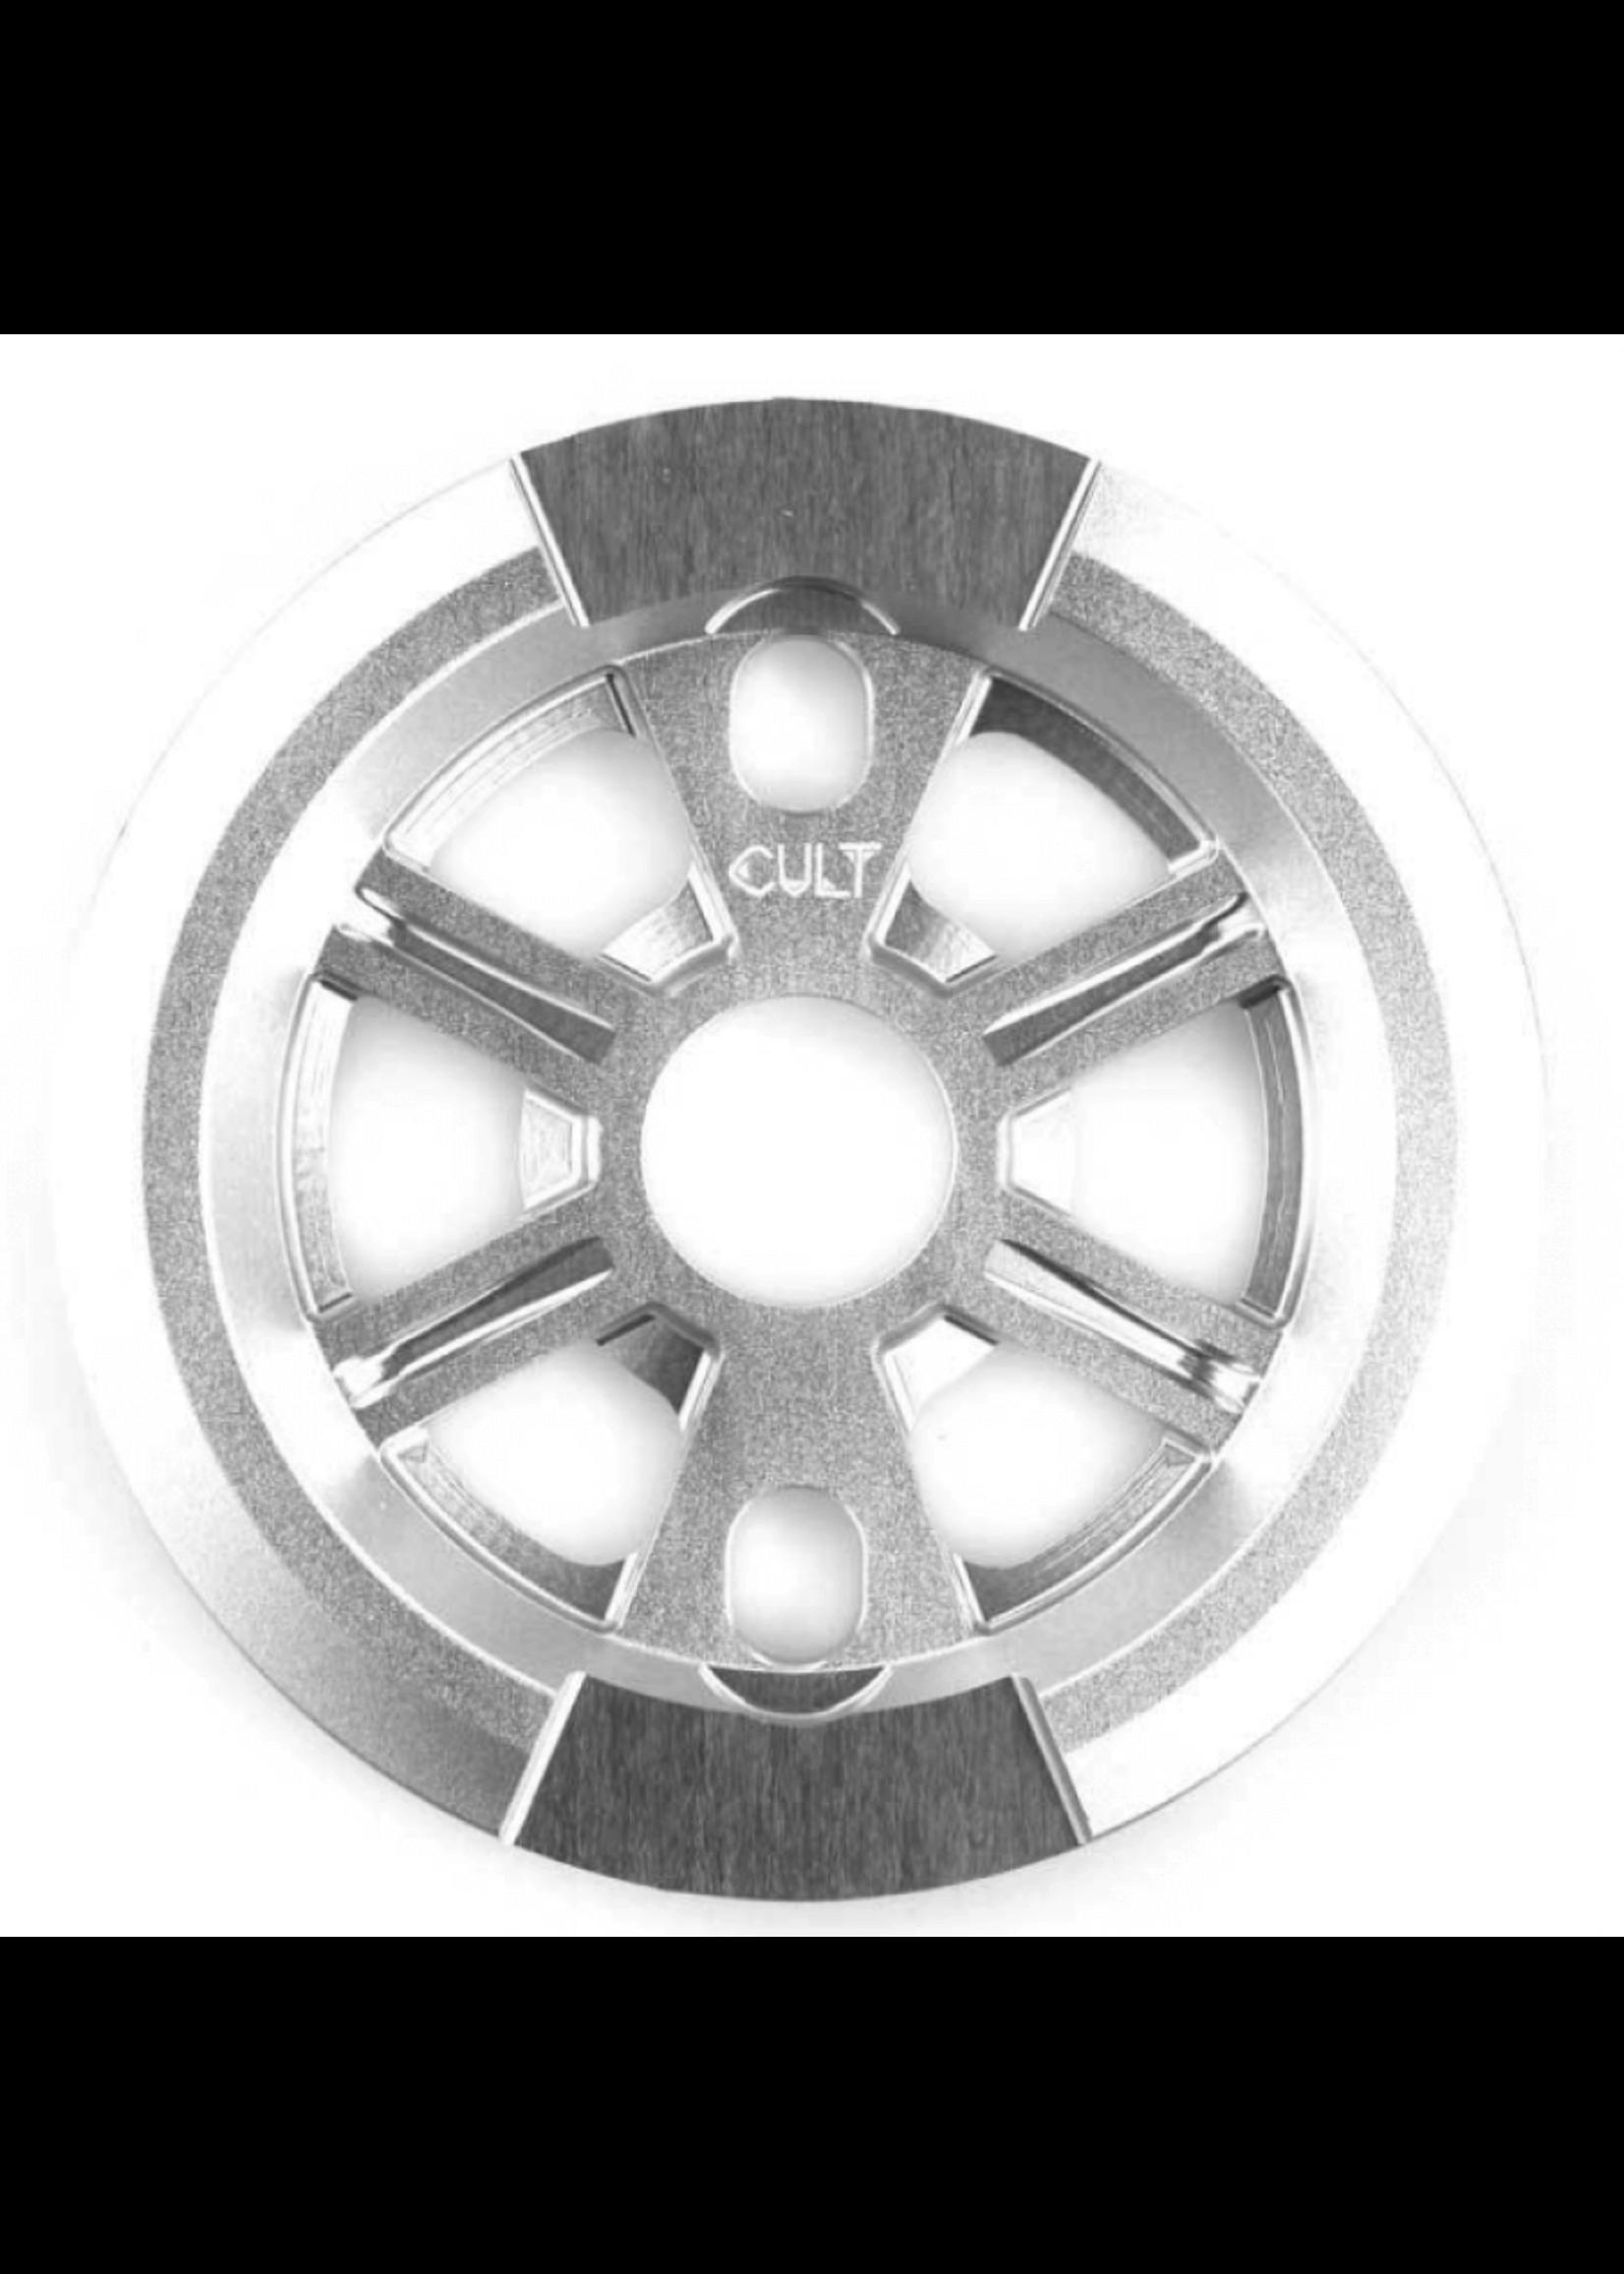 Cult Cult - Dak Guard Sprocket - 25T